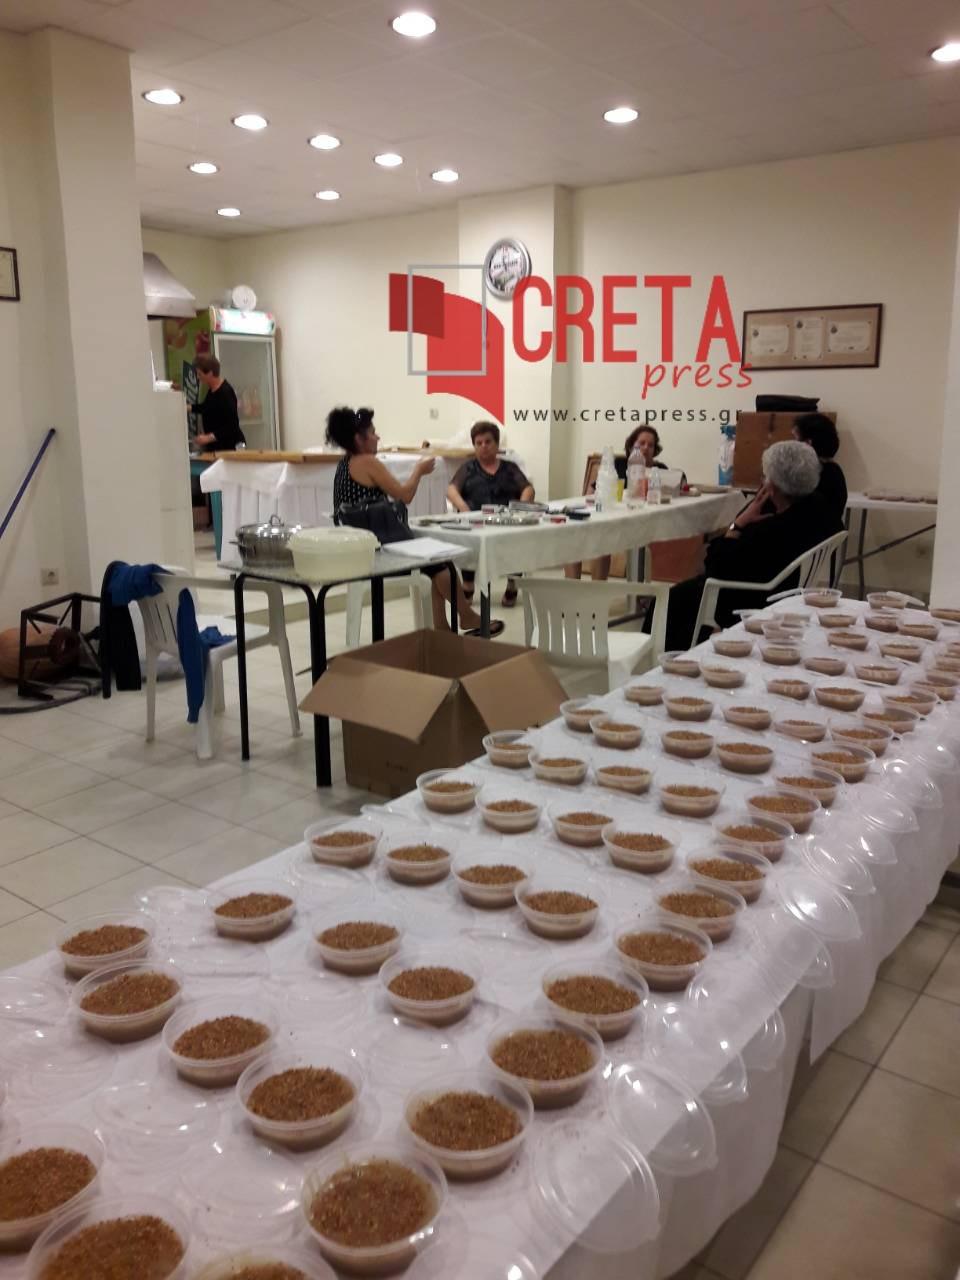 Ετοιμάζονται στο Κεραμούτσι για την 7η γιορτή τσικουδιάς στον Καράβολα